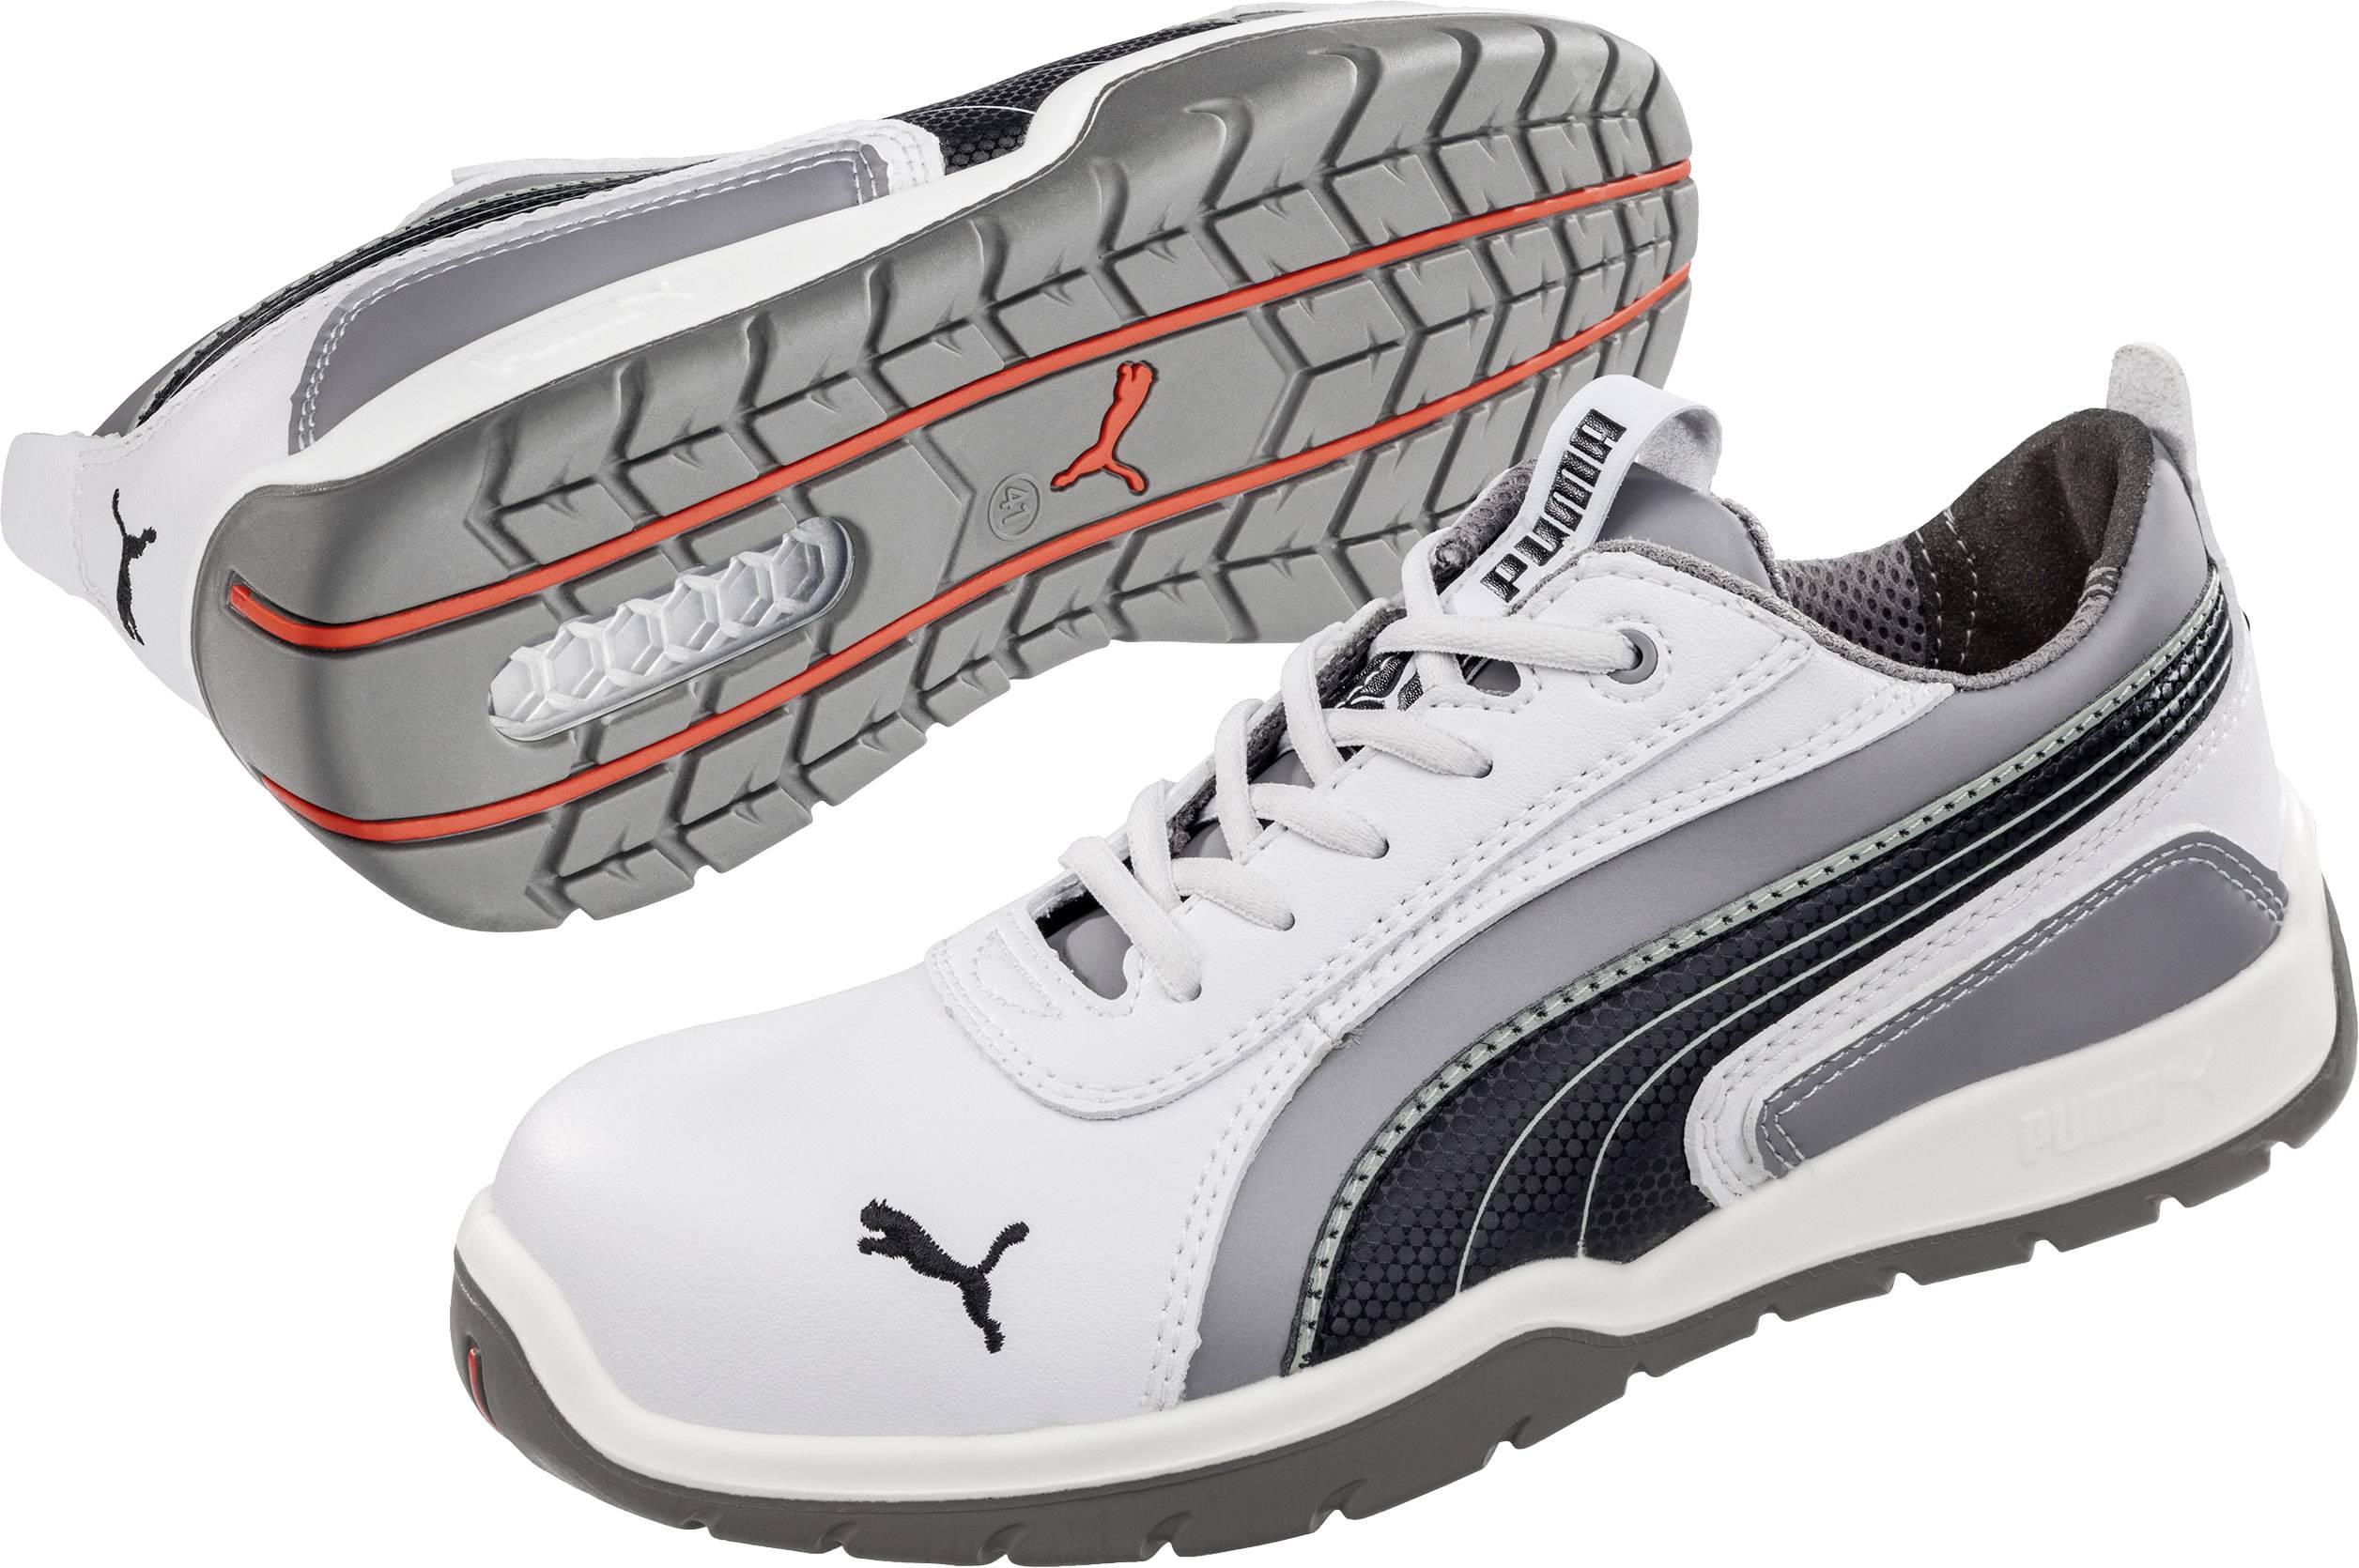 Nízká bezpečnostní obuv PUMA Safety Monaco Low 642650, S3, vel. 42, 1 pár